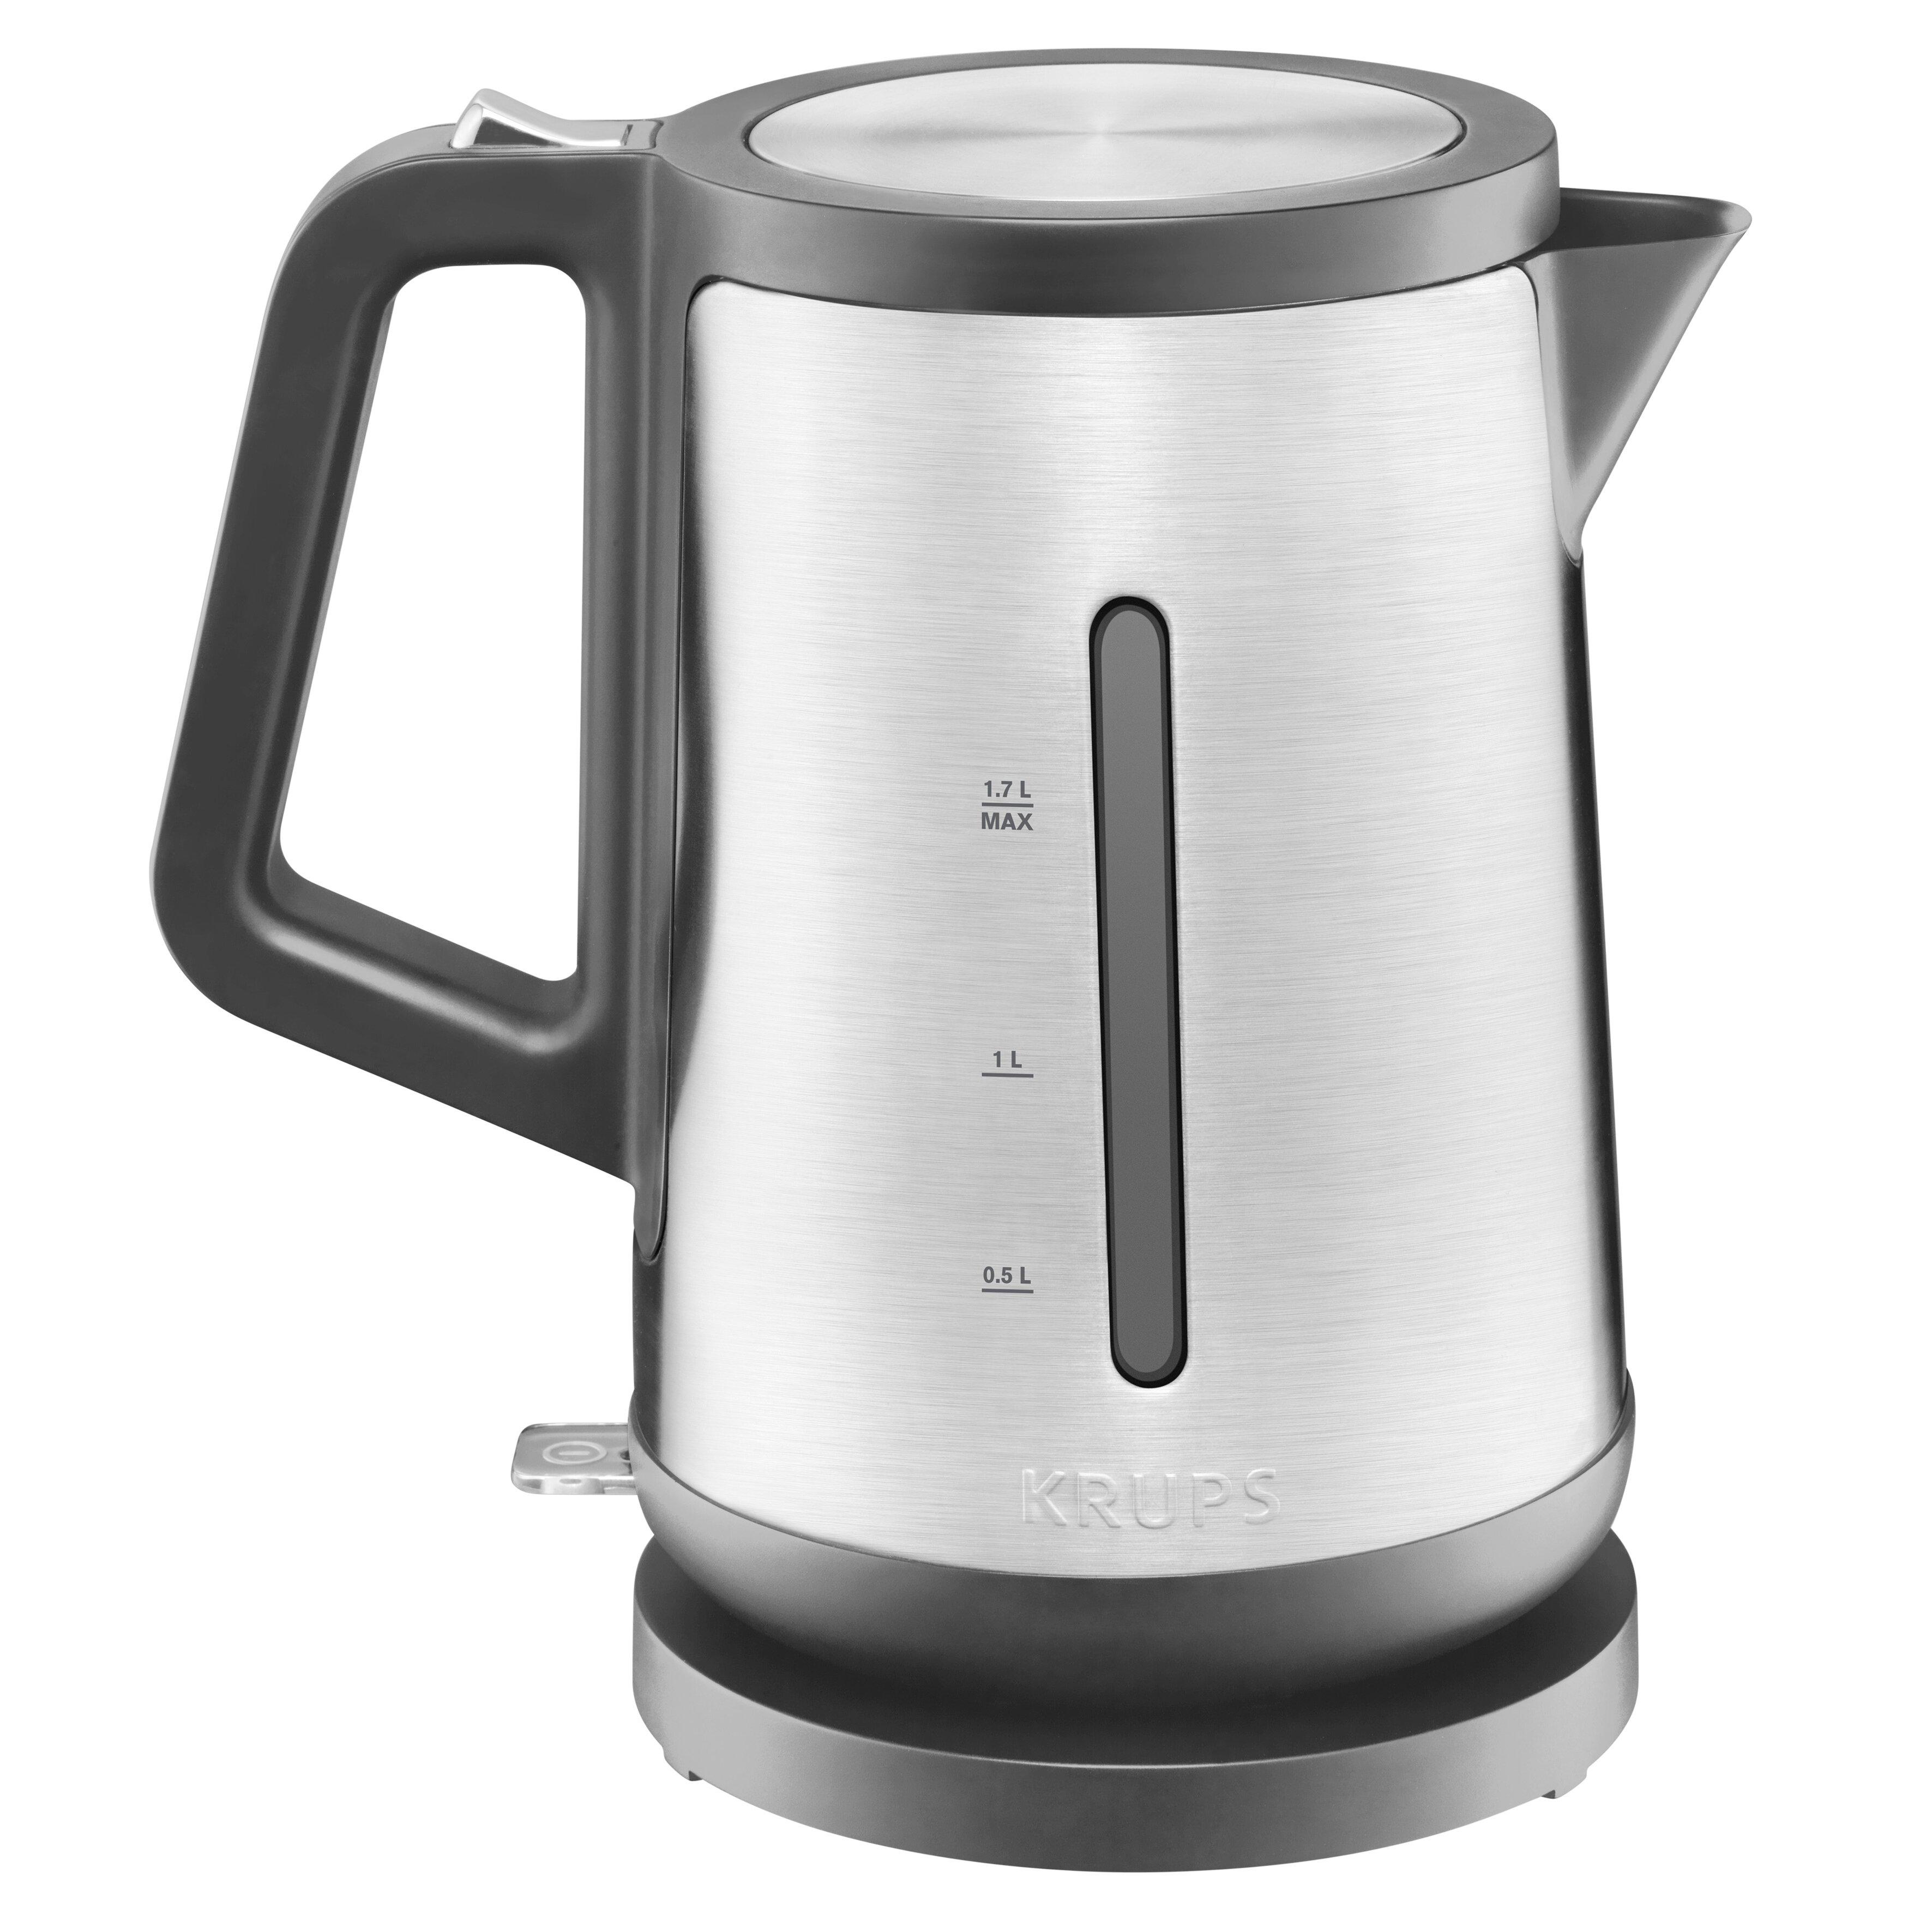 krups electric tea kettle reviews